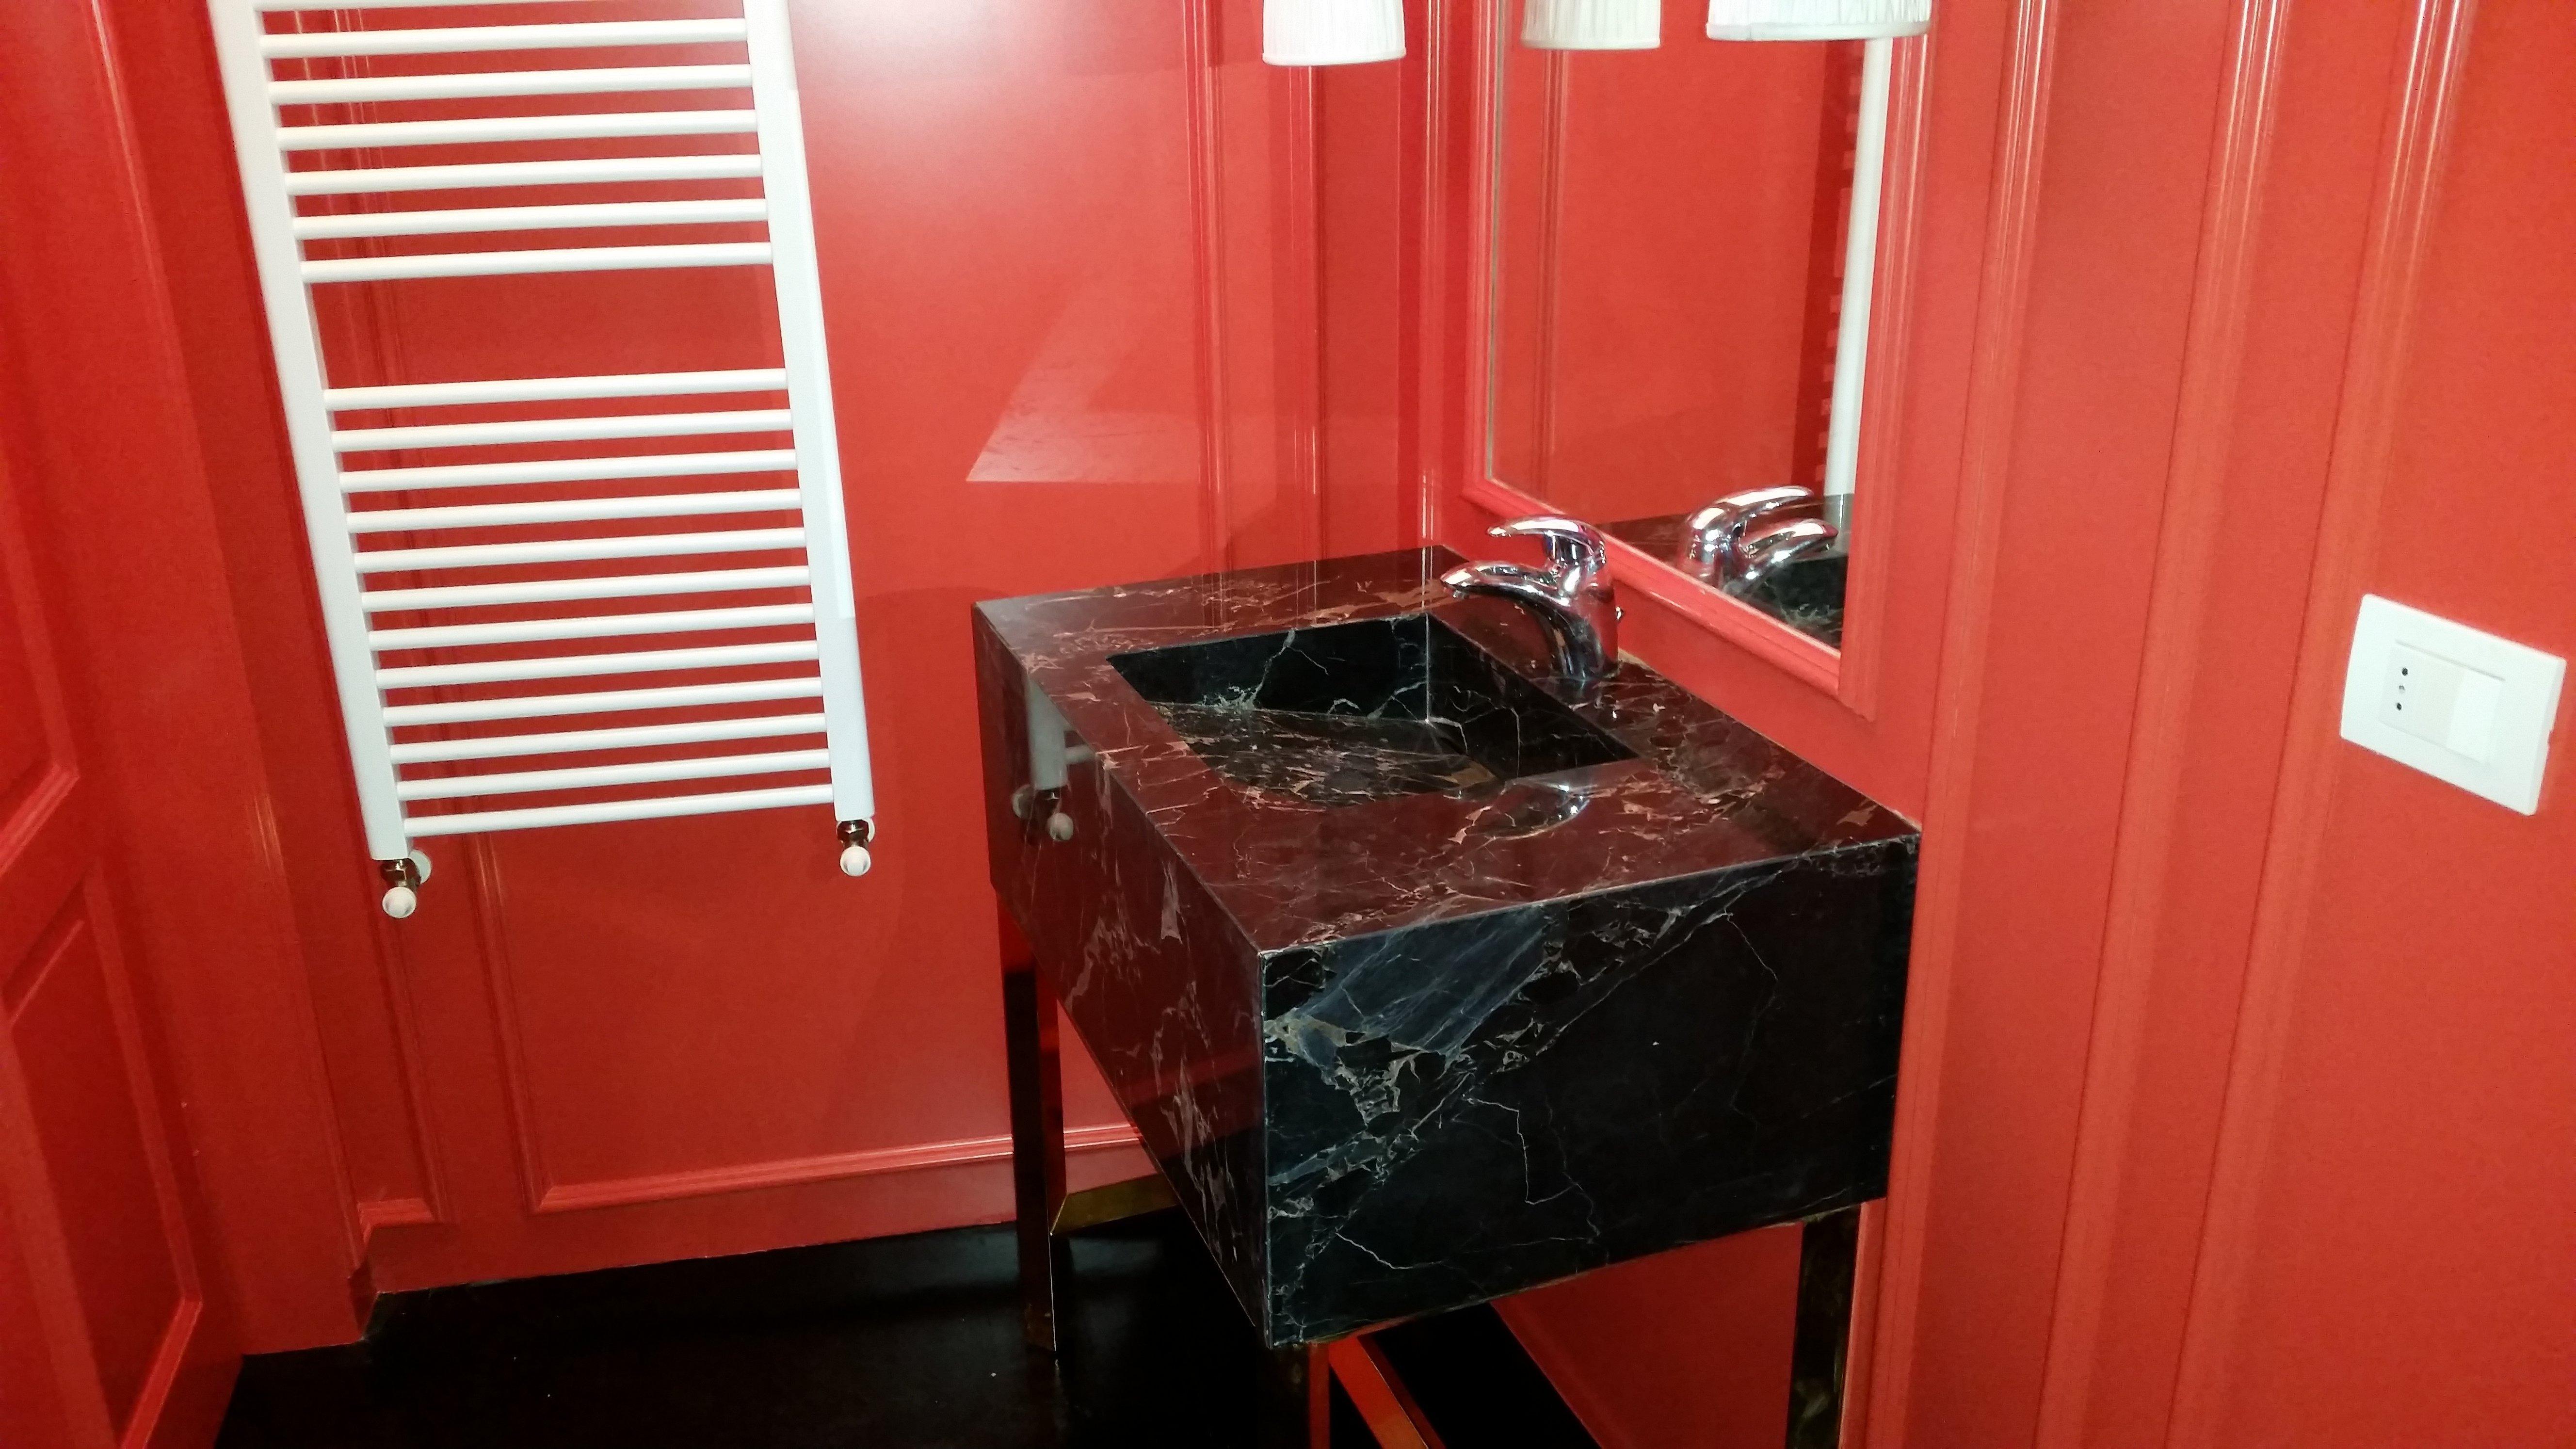 Lavello nero con parete rossa